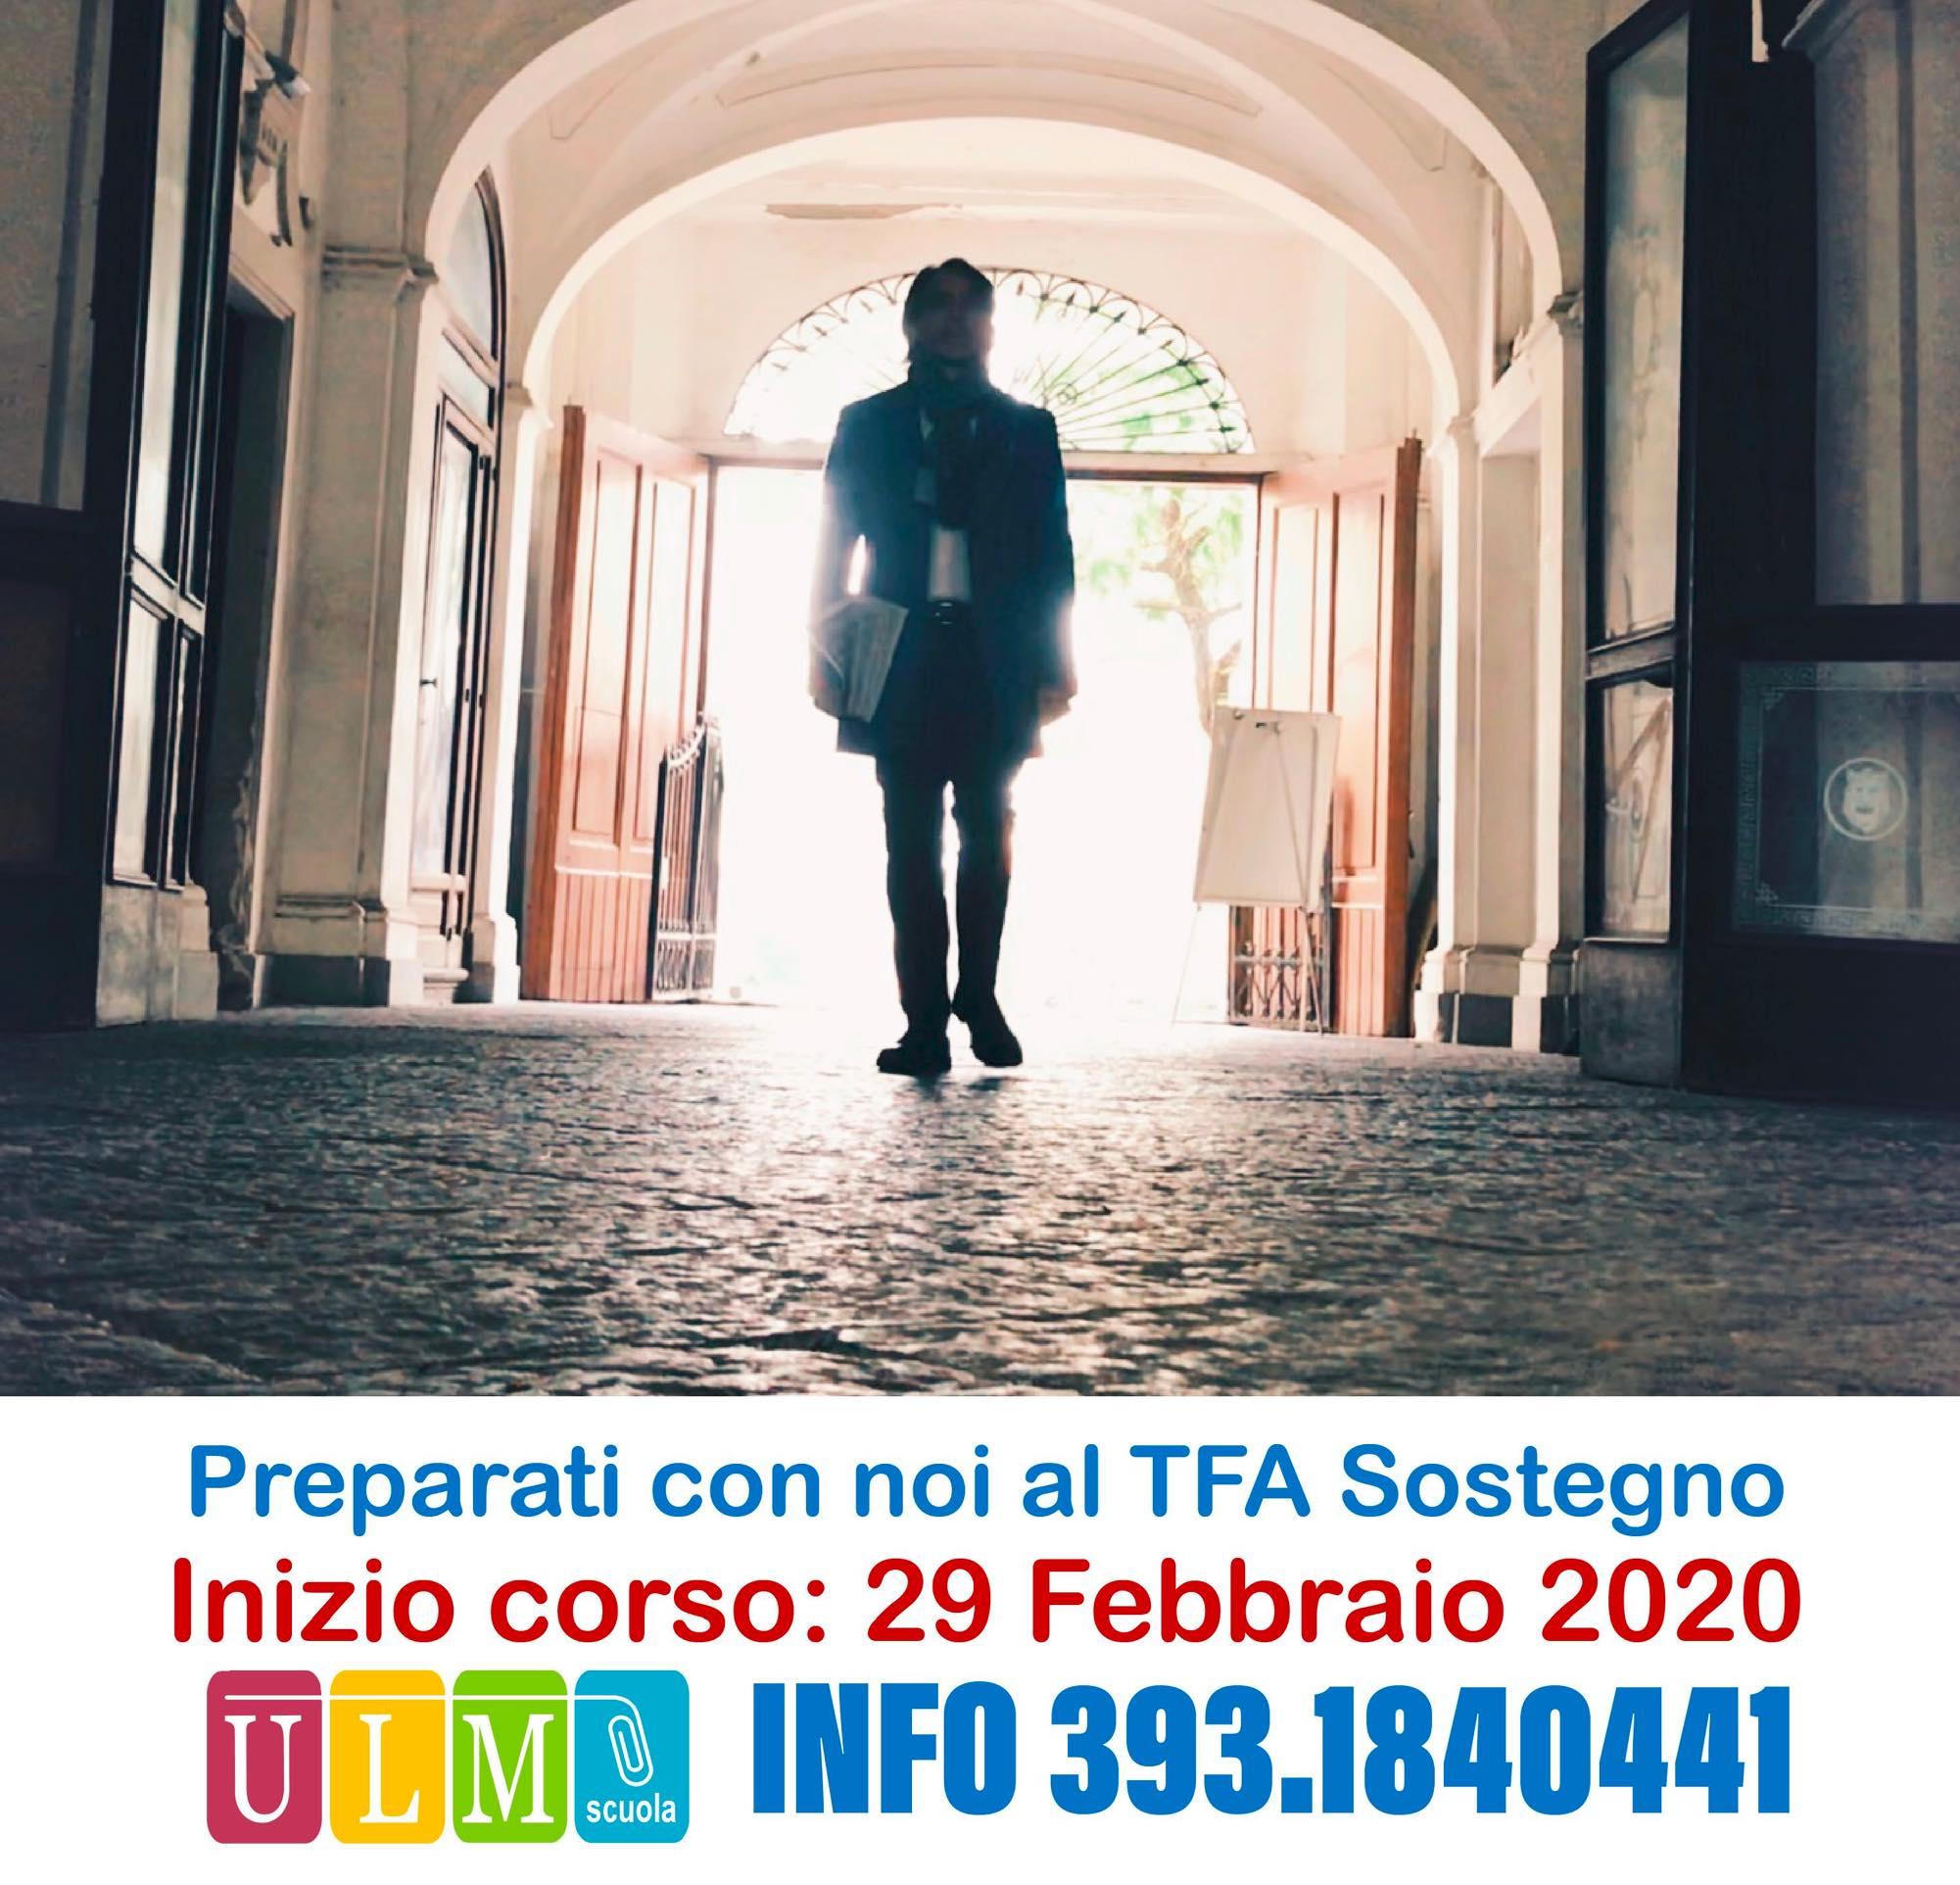 Il 2 e 3 aprile 2020 le selezioni per il V ciclo TFA Sostegno.